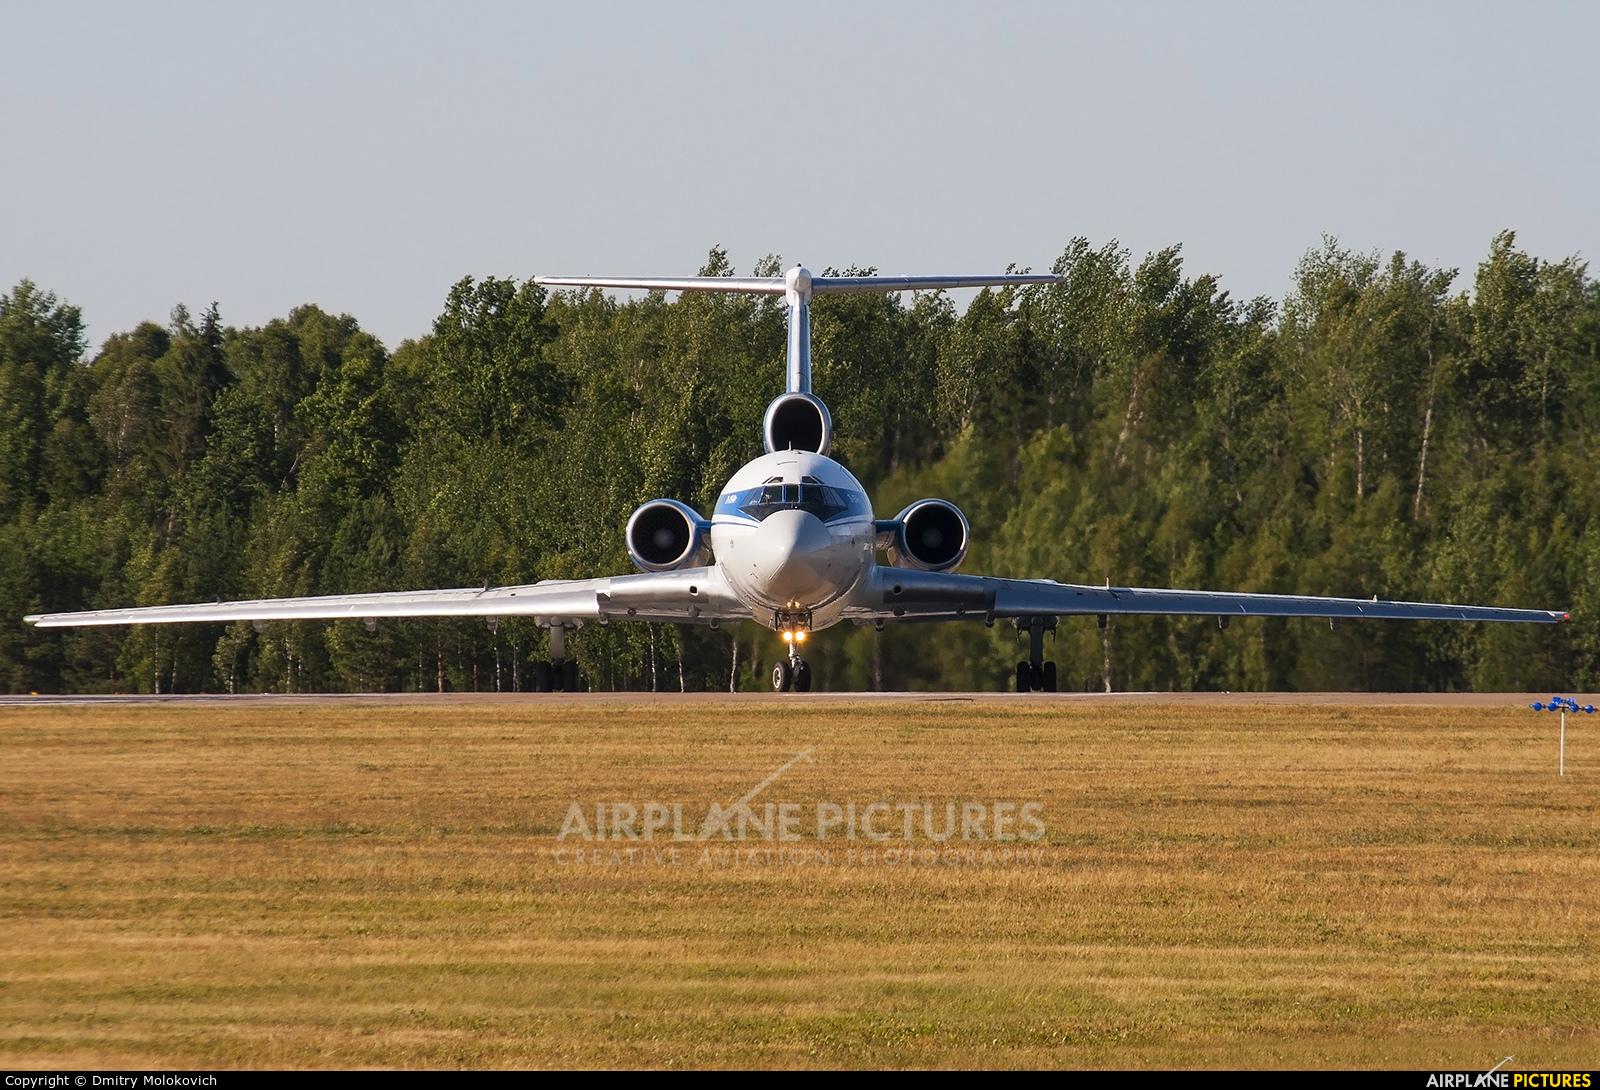 Belavia EW-85741 aircraft at Minsk Intl